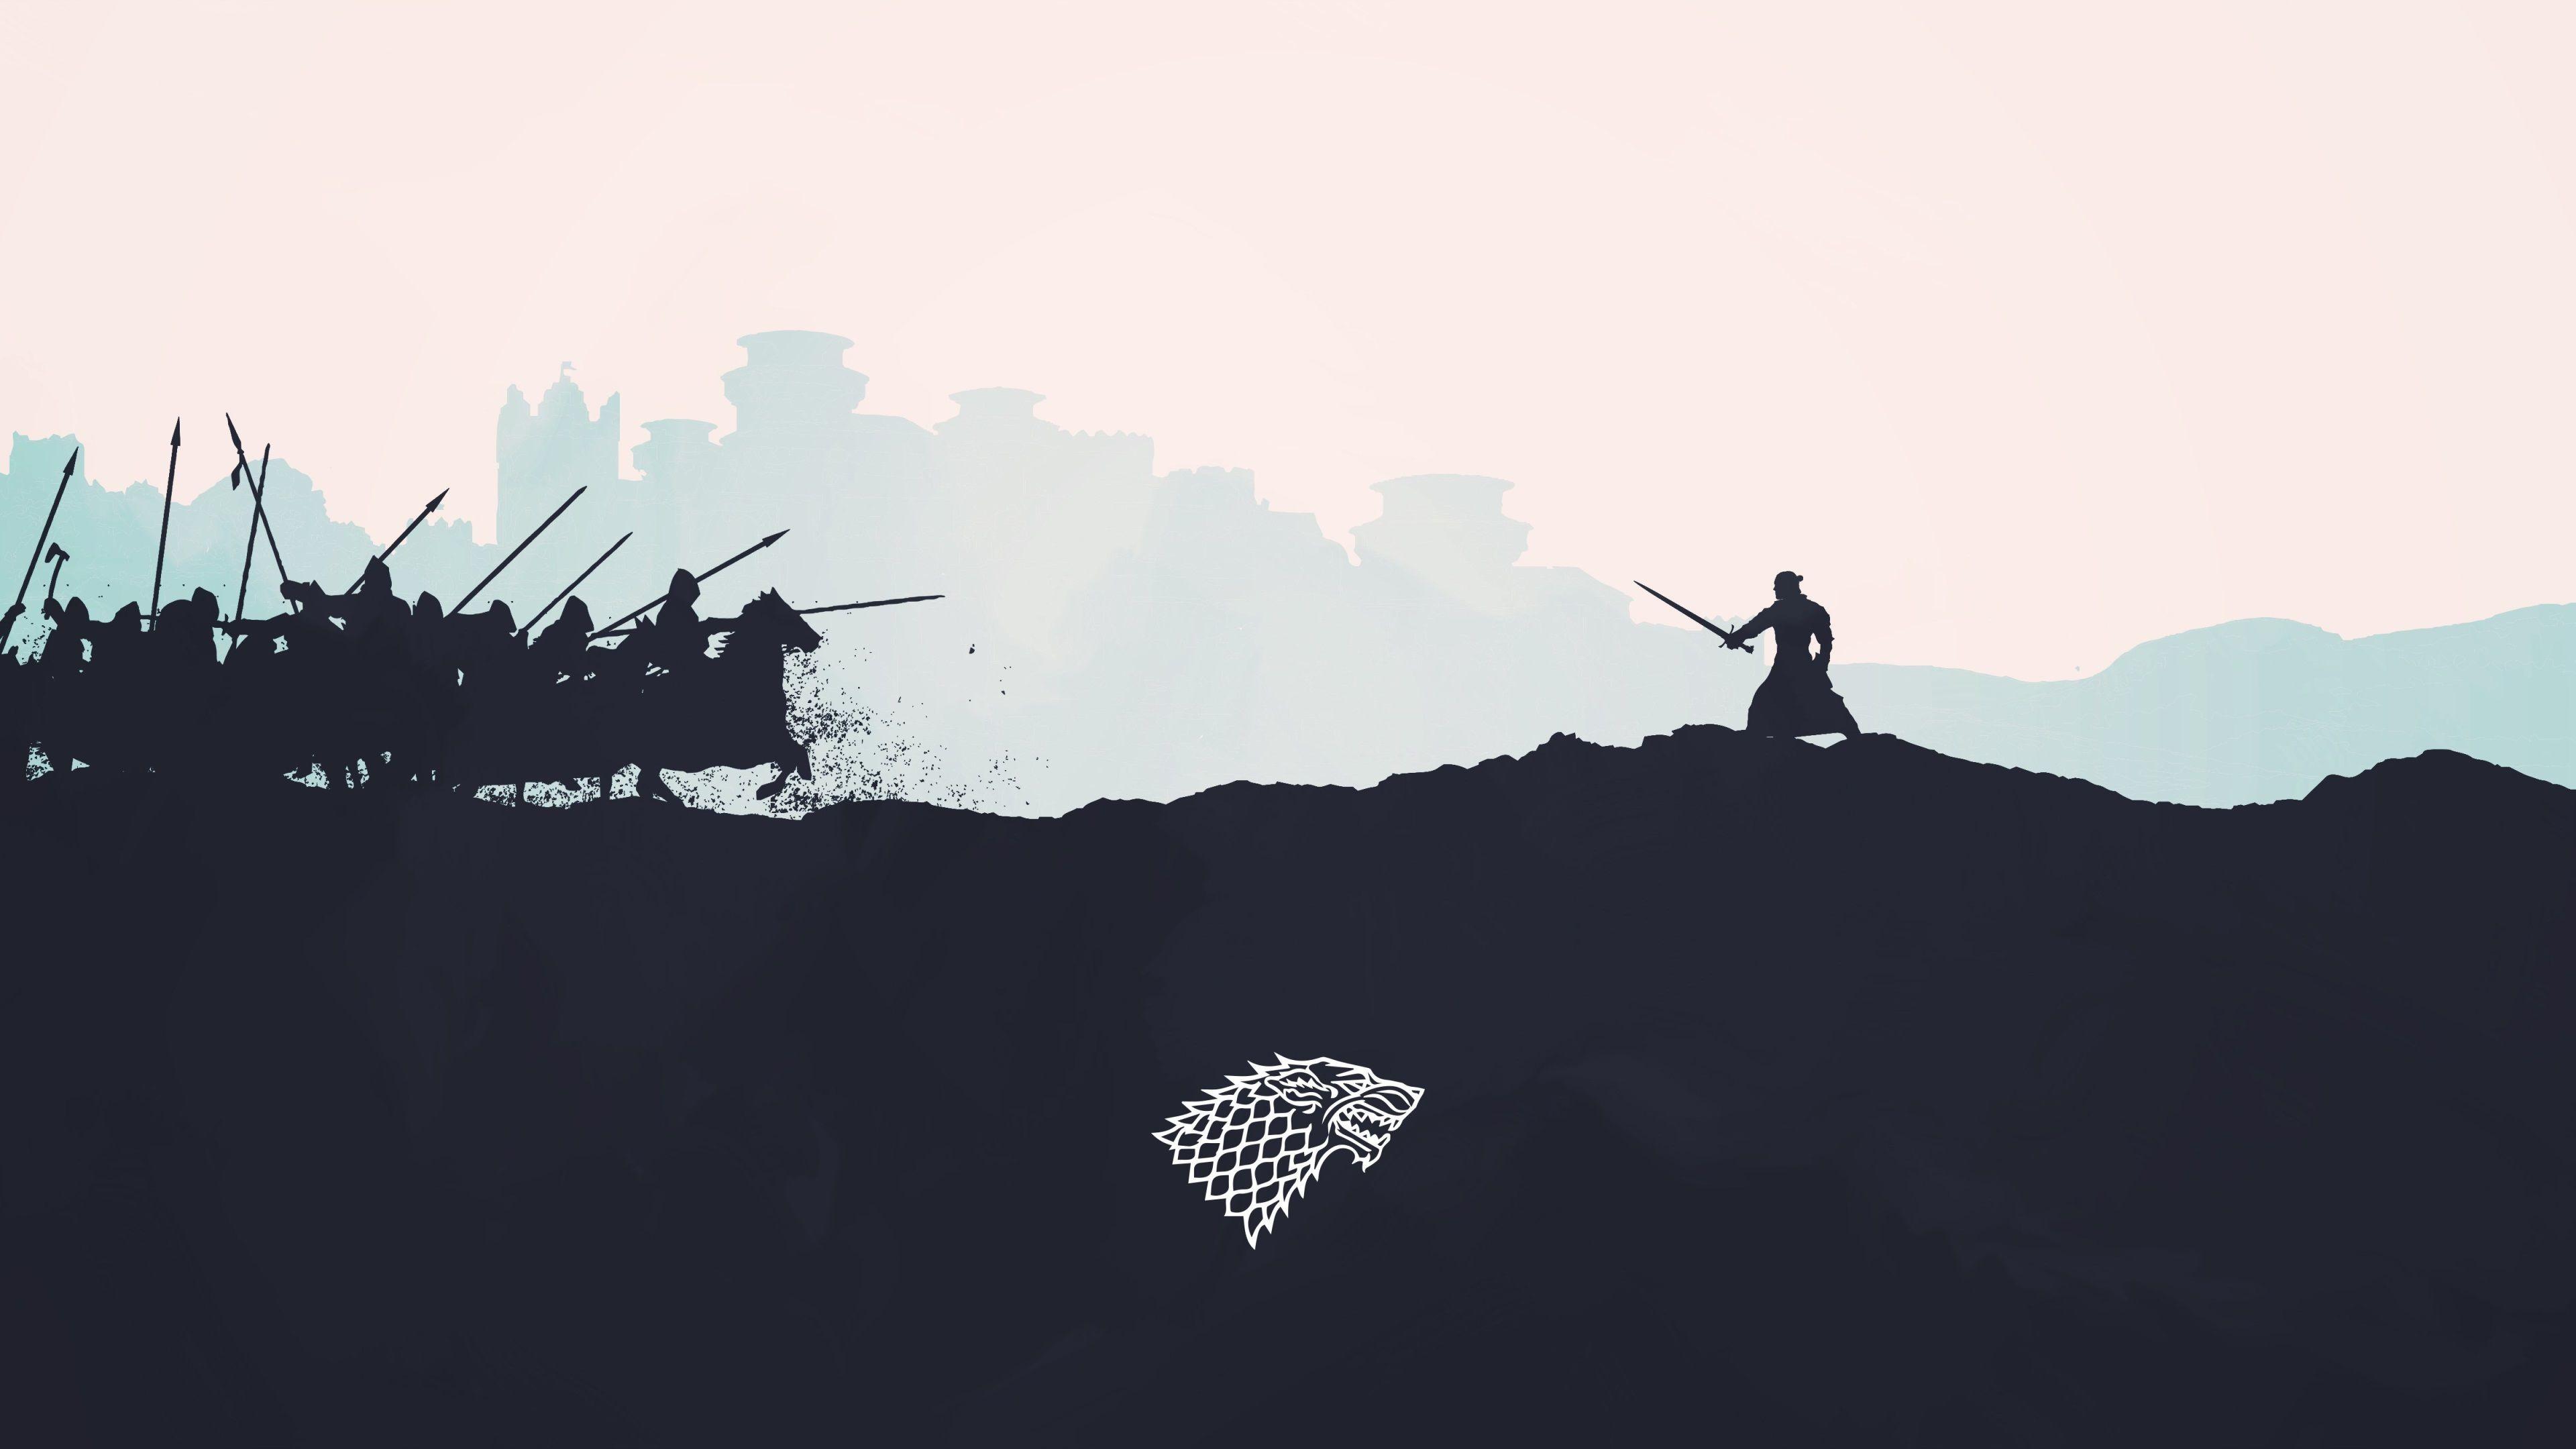 Desktop Wallpaper Game Of Thrones 81 Images